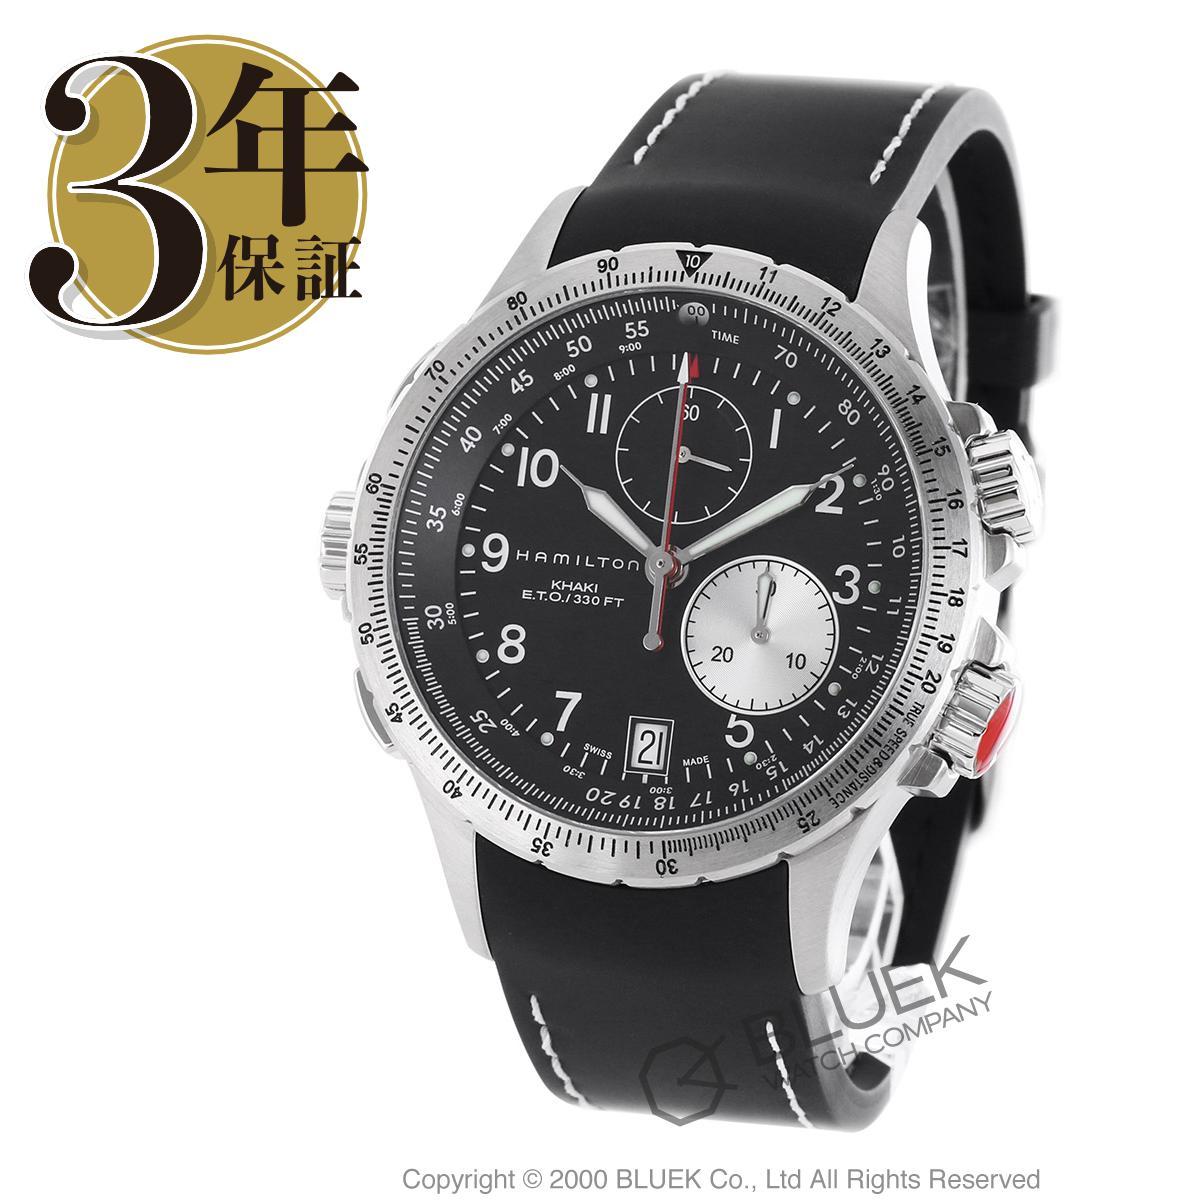 ハミルトン カーキ アビエーション ETO クロノグラフ 腕時計 メンズ HAMILTON H77612333_8 バーゲン 成人祝い ギフト プレゼント